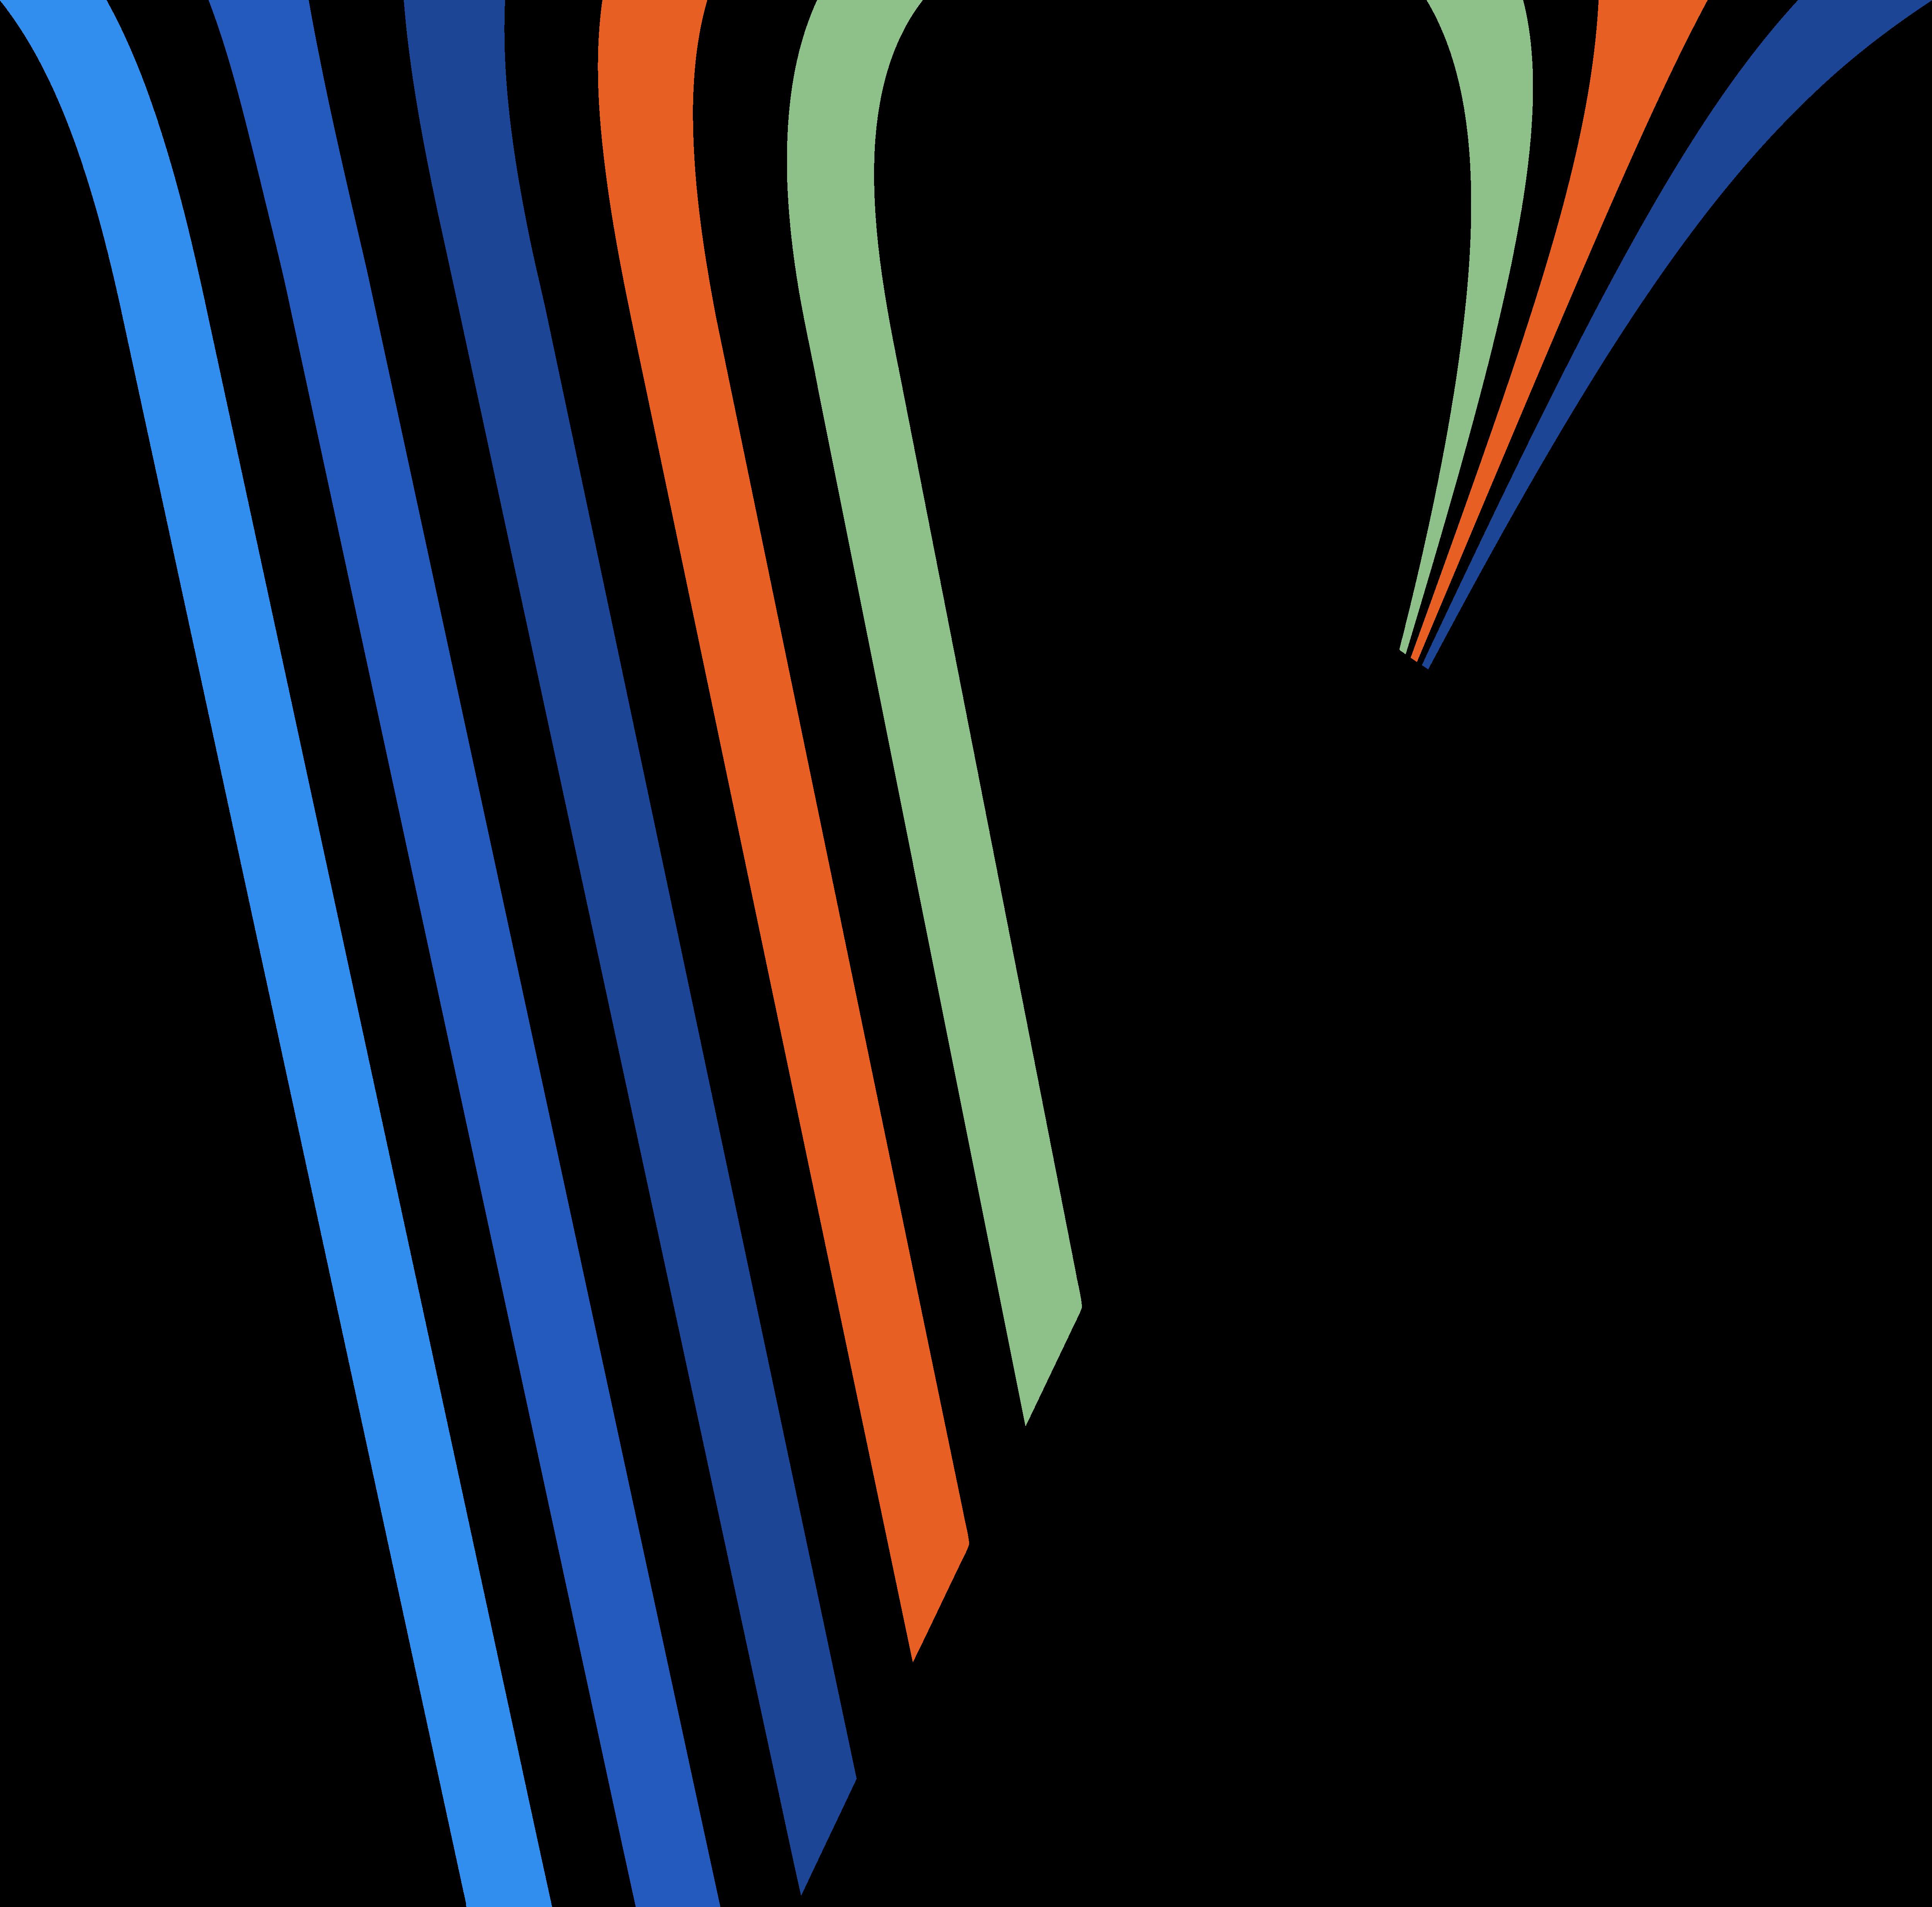 Vrbo logo clipart picture library stock VRBO – Logos Download picture library stock